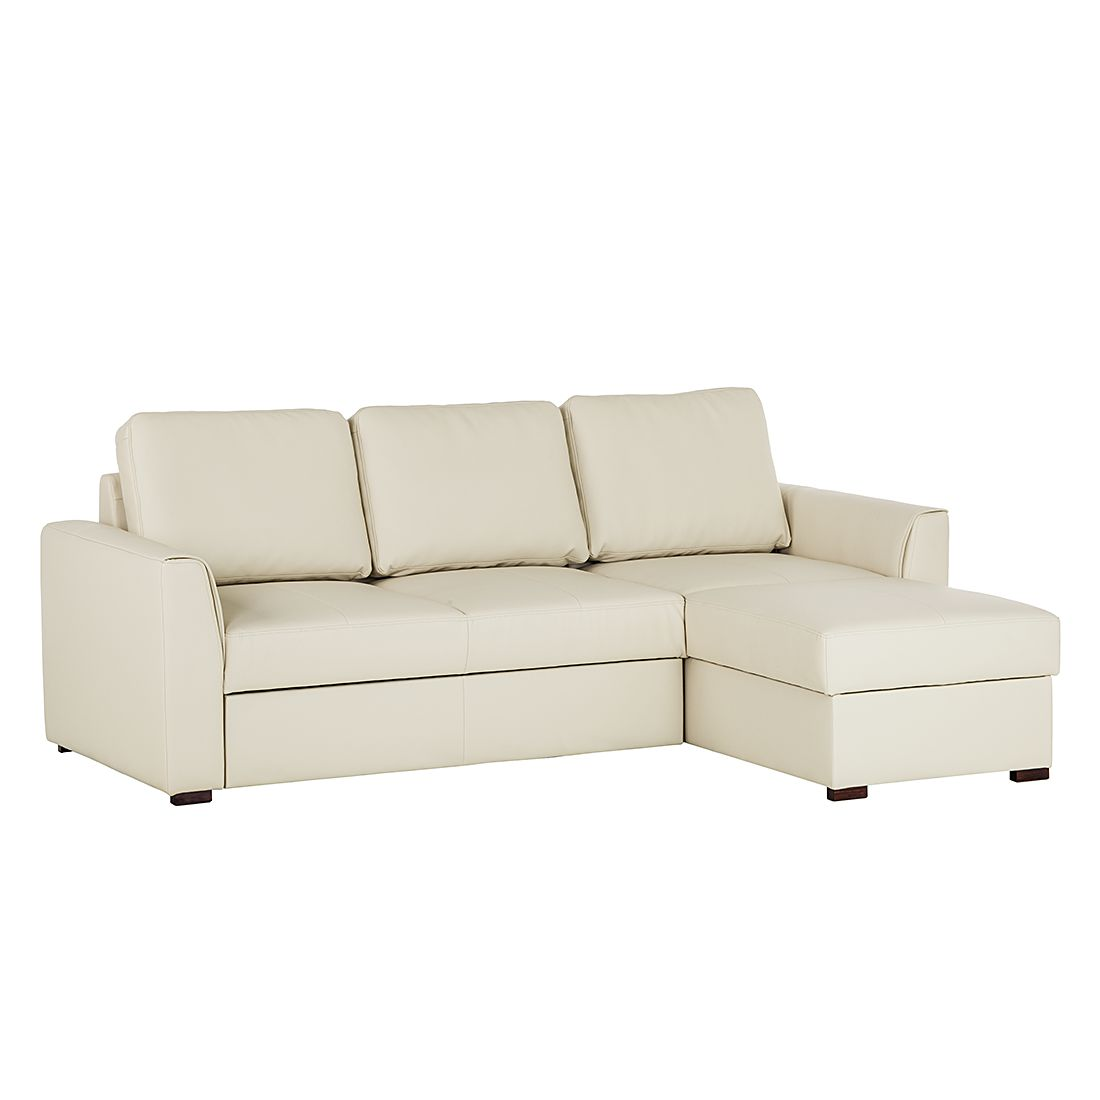 Canapé d'angle Venezia (avec fonction couchage) - Imitation cuir - Méridienne montable à gauche et à